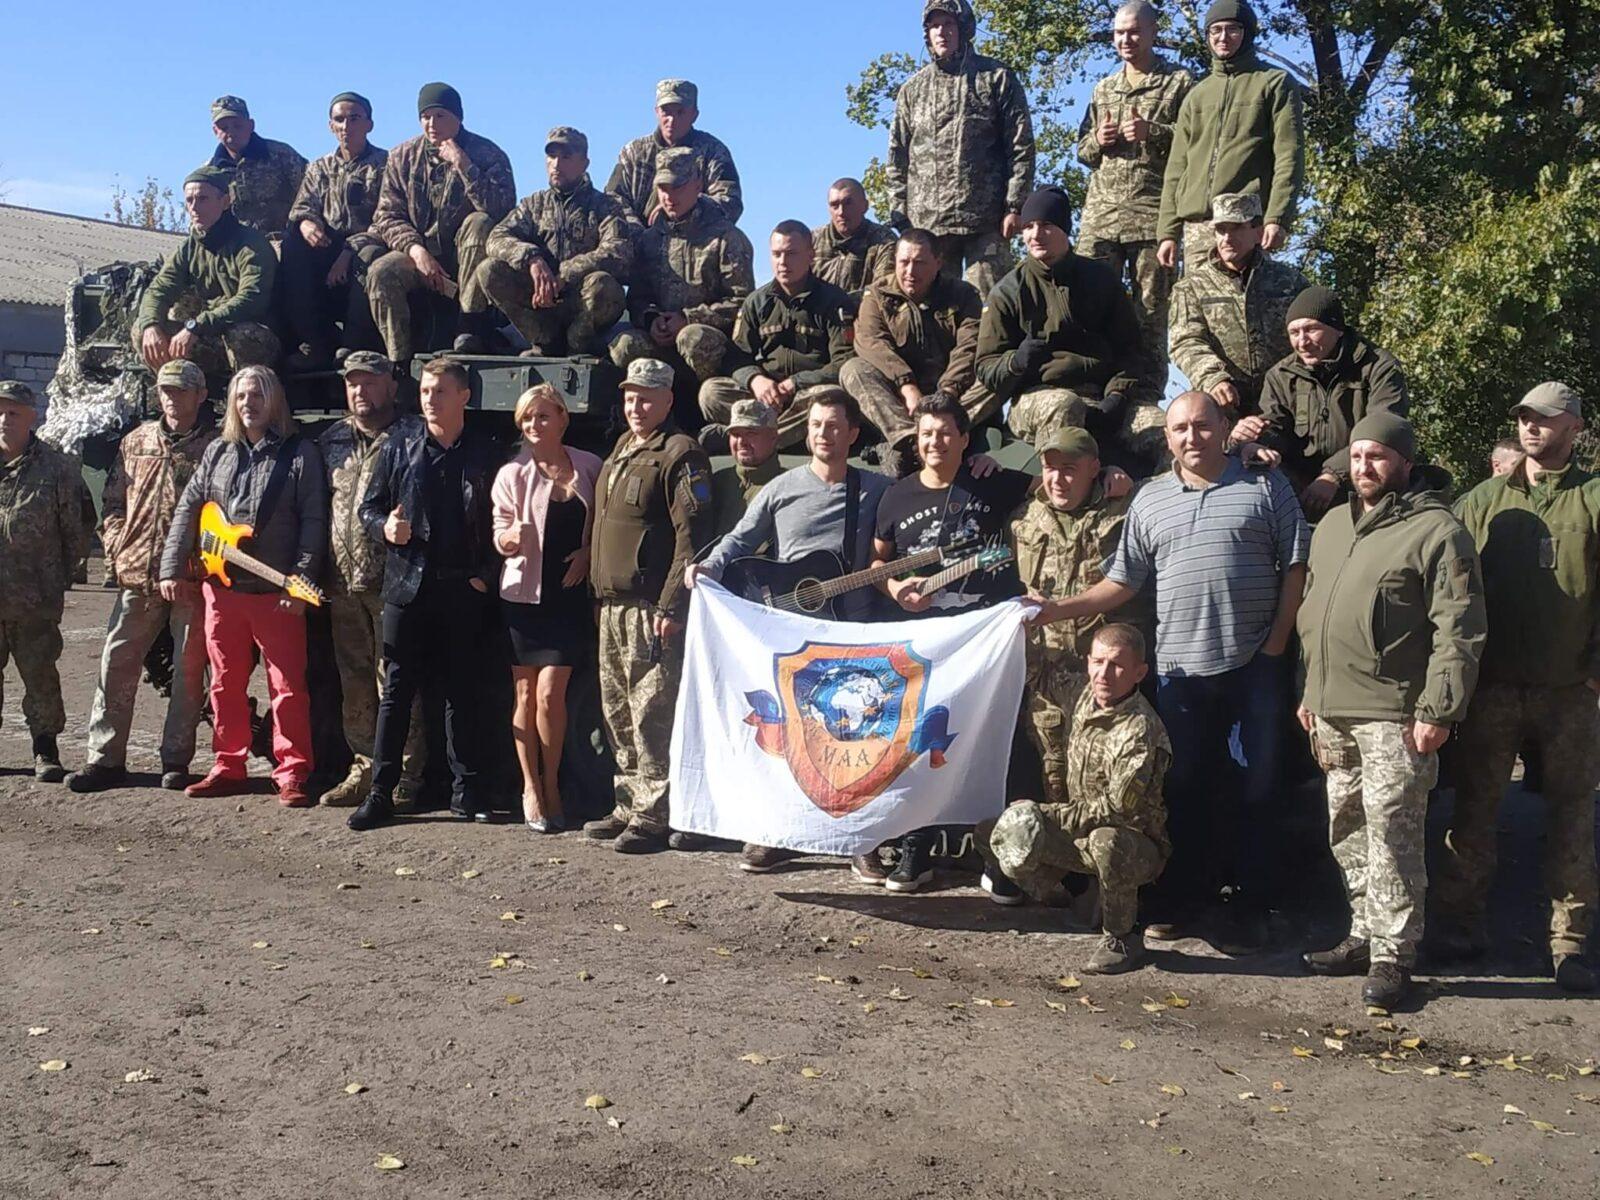 Группа Корабли посетили бойцов на фронте и поздравили их с праздником Покровы